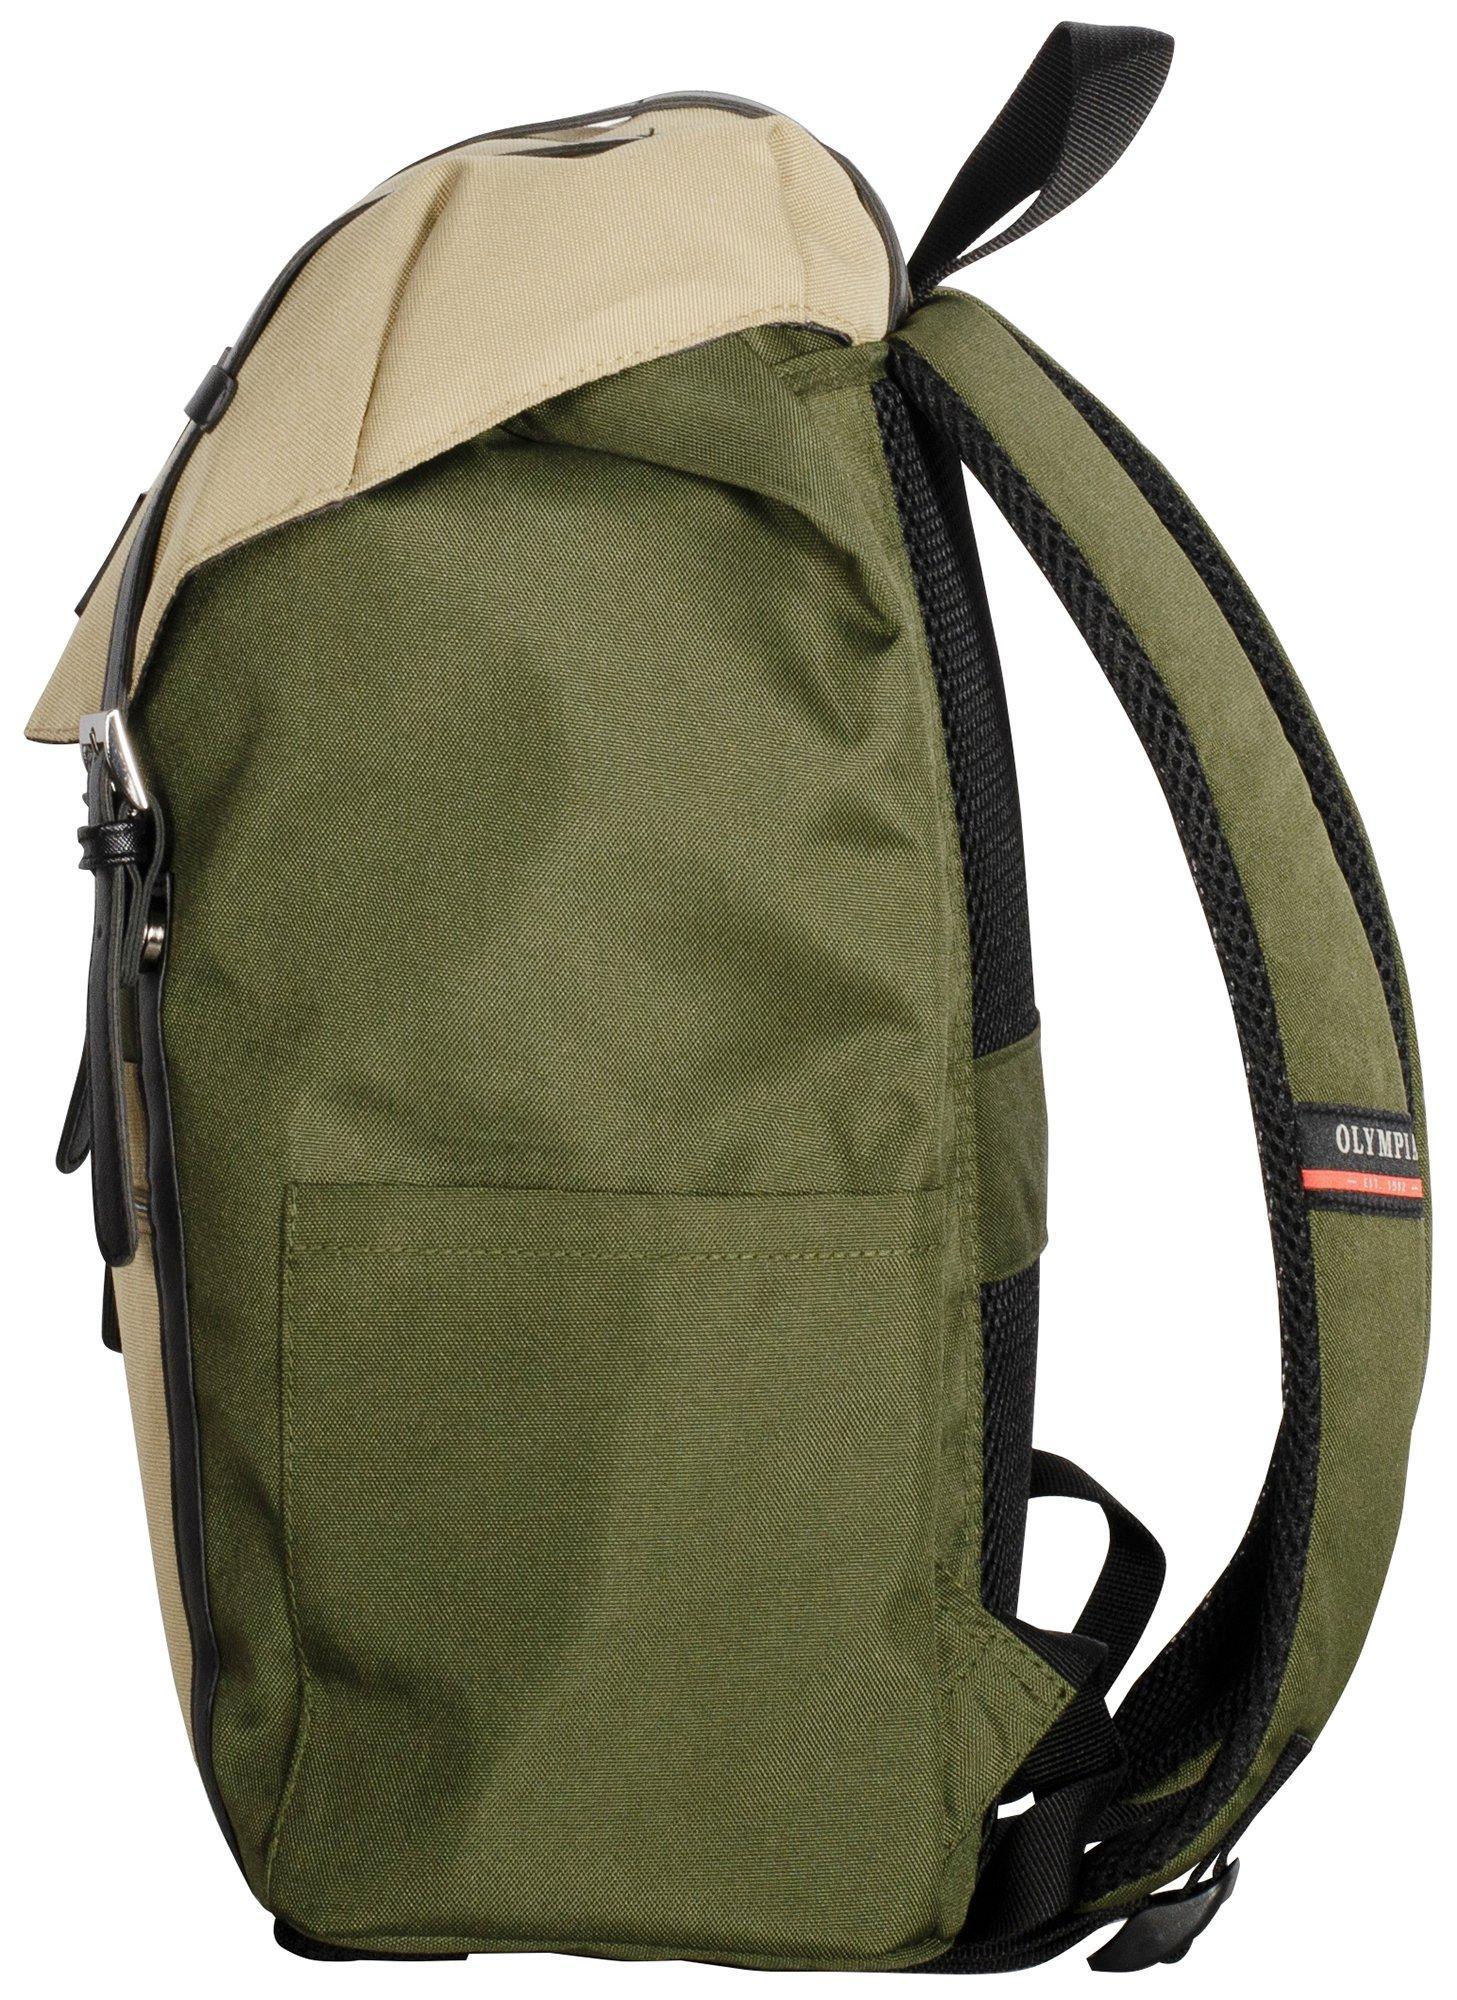 16 inch PURPLE Olympia Duke 16 Urban Backpack